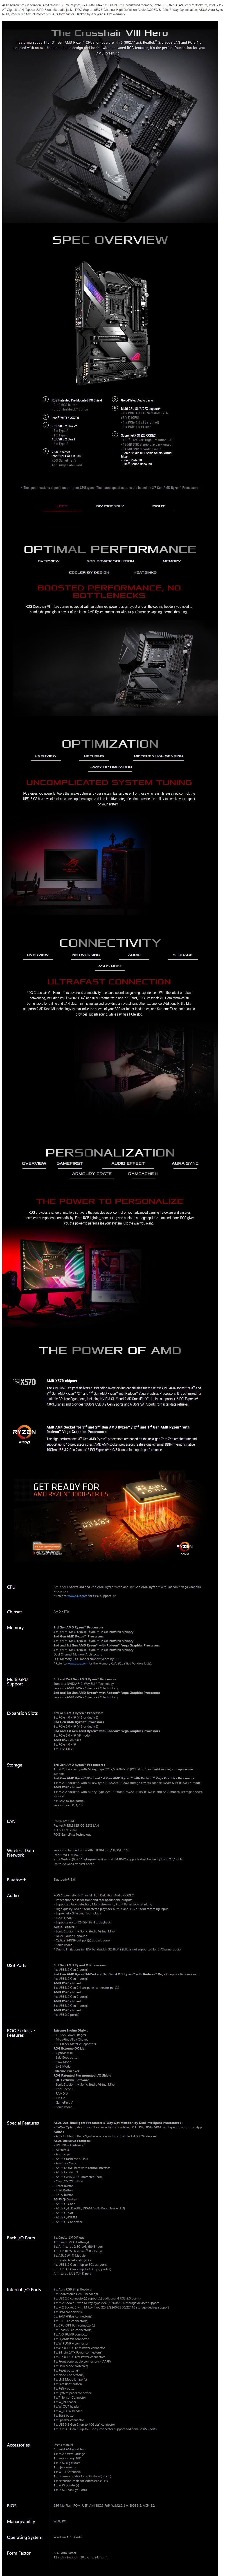 ASUS ROG Crosshair VIII Hero WiFi AM4 ATX Desktop